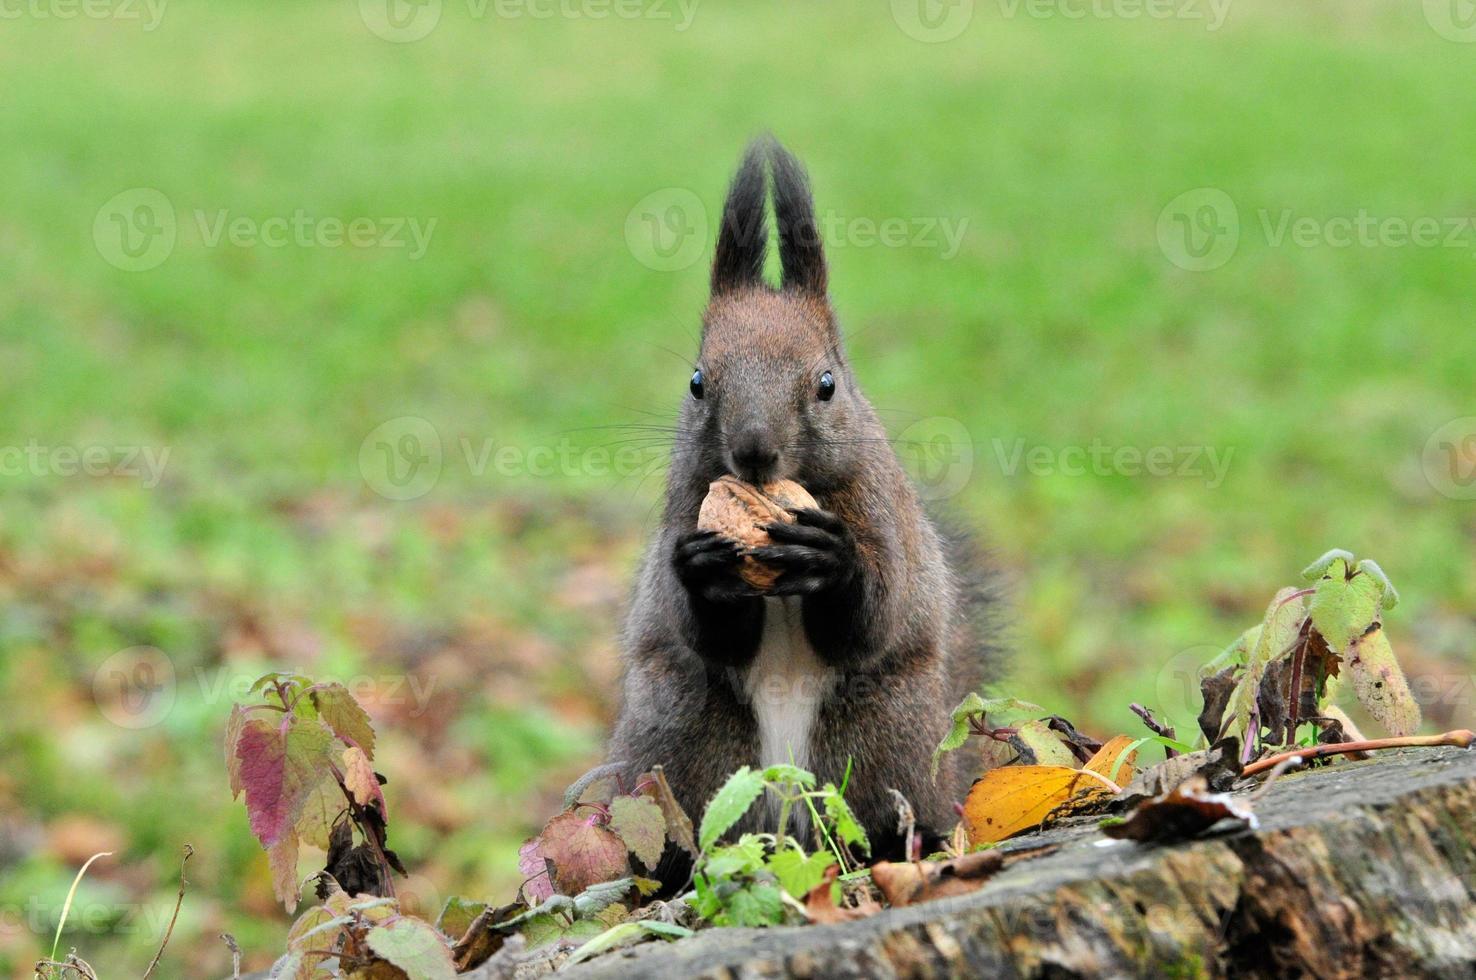 scoiattolo. autunno, novembre. foto